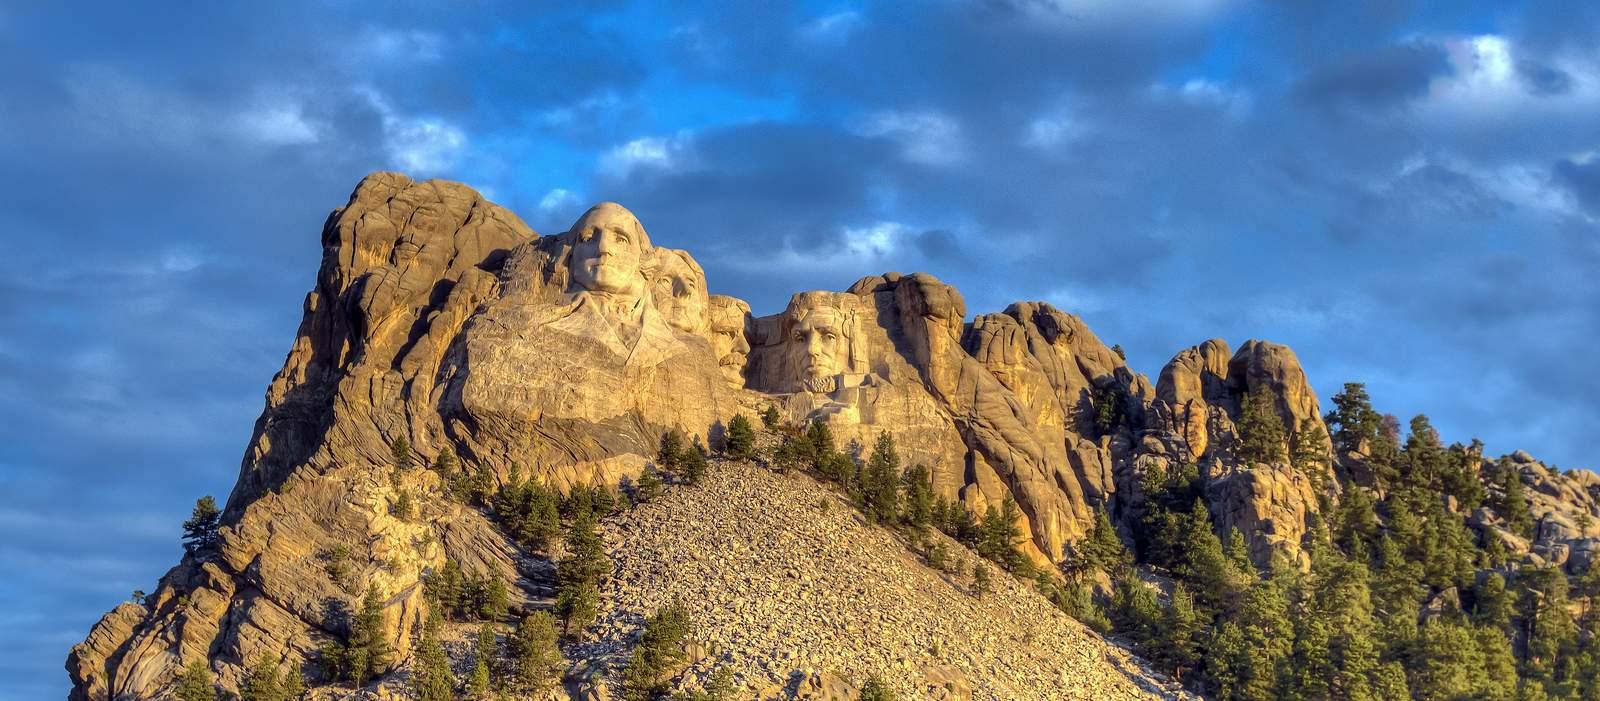 Mount Rushmore von Weitem